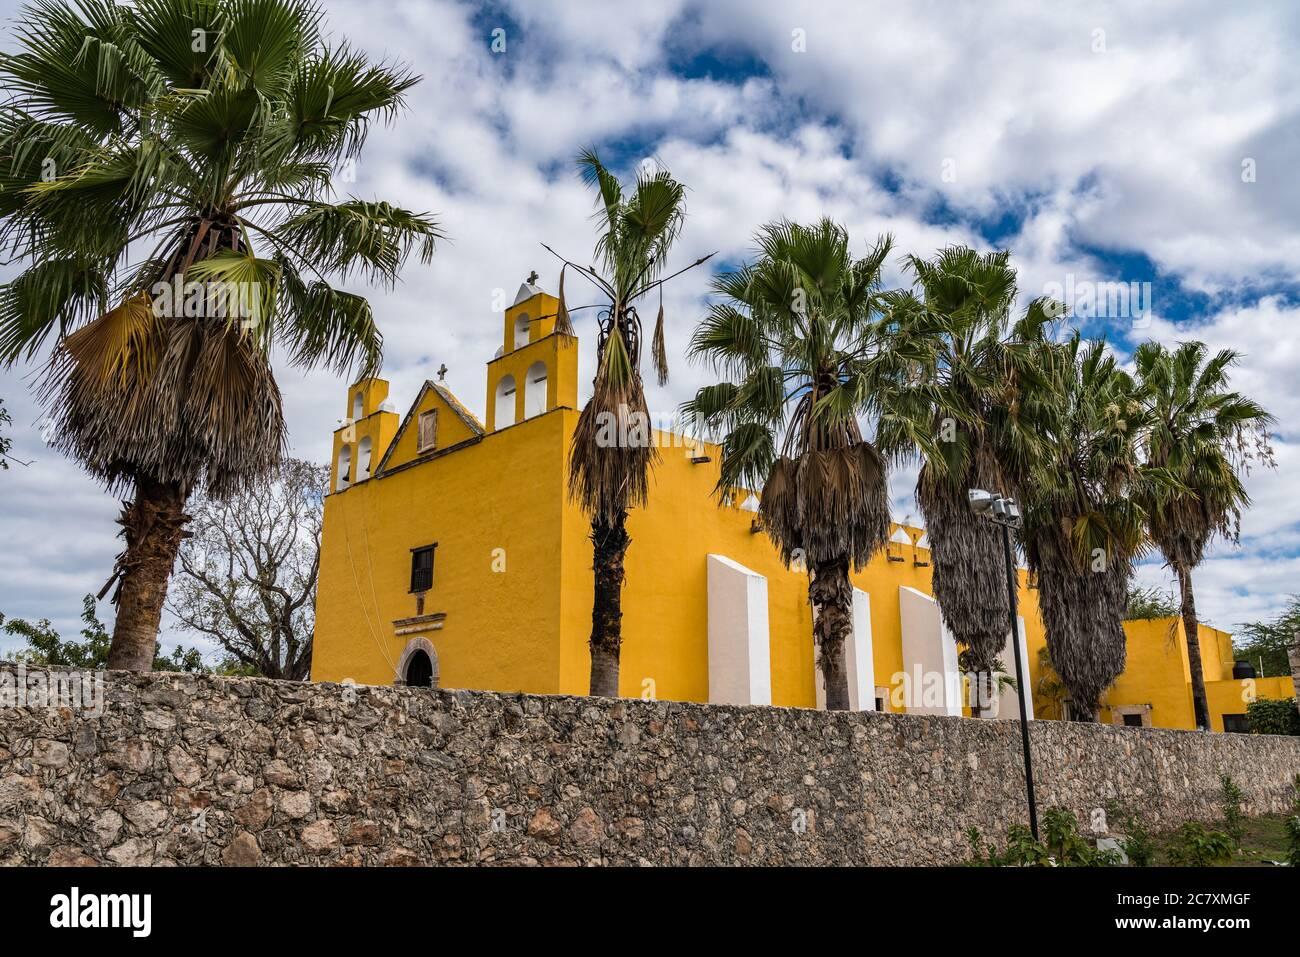 La Iglesia colonial de San Pedro el Apóstol fue construida en el siglo XVII por los Franciscanos en Cholul, Yucatán, México. Foto de stock